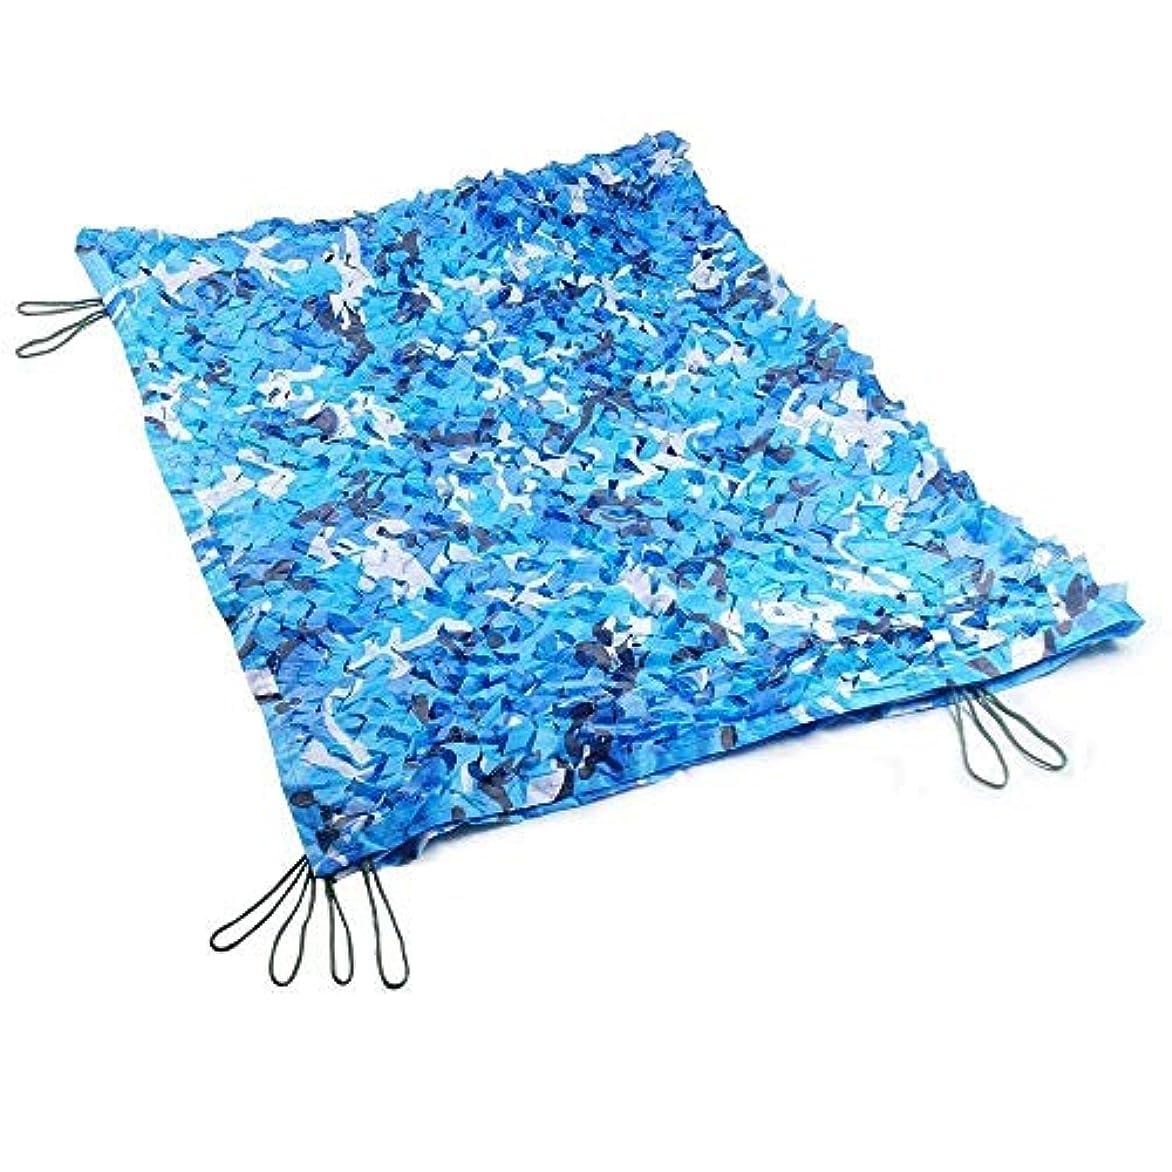 器官義務づけるハーフDGLIYJ オーシャンブルーの迷彩の網は学校のプールの装飾の陰の網に使用することができます (サイズ さいず : 4x10m)